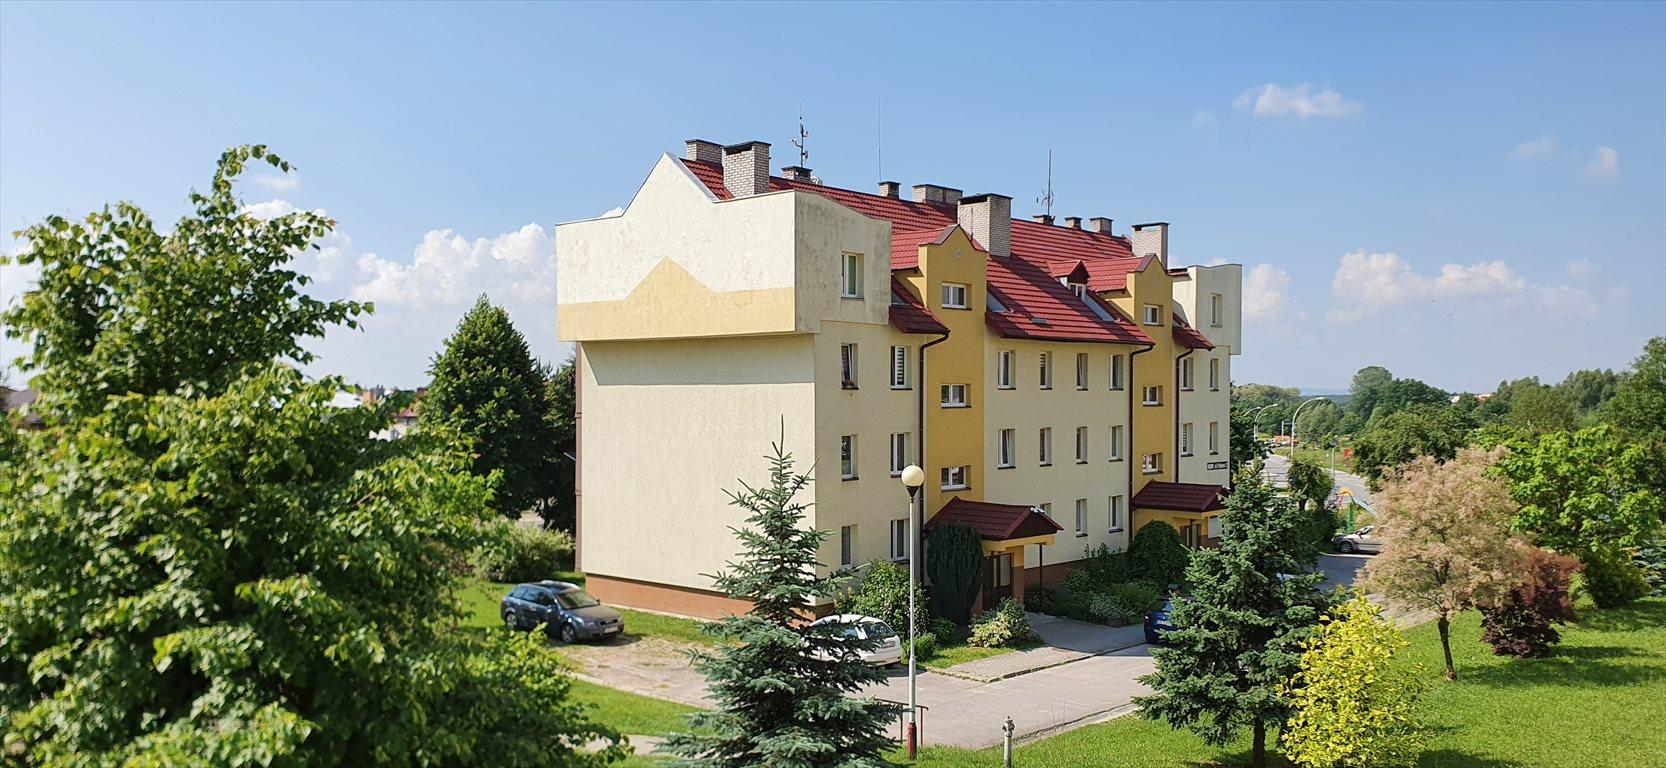 Mieszkanie dwupokojowe na sprzedaż Głogów Małopolski, Słoneczne, Piękna  67m2 Foto 1